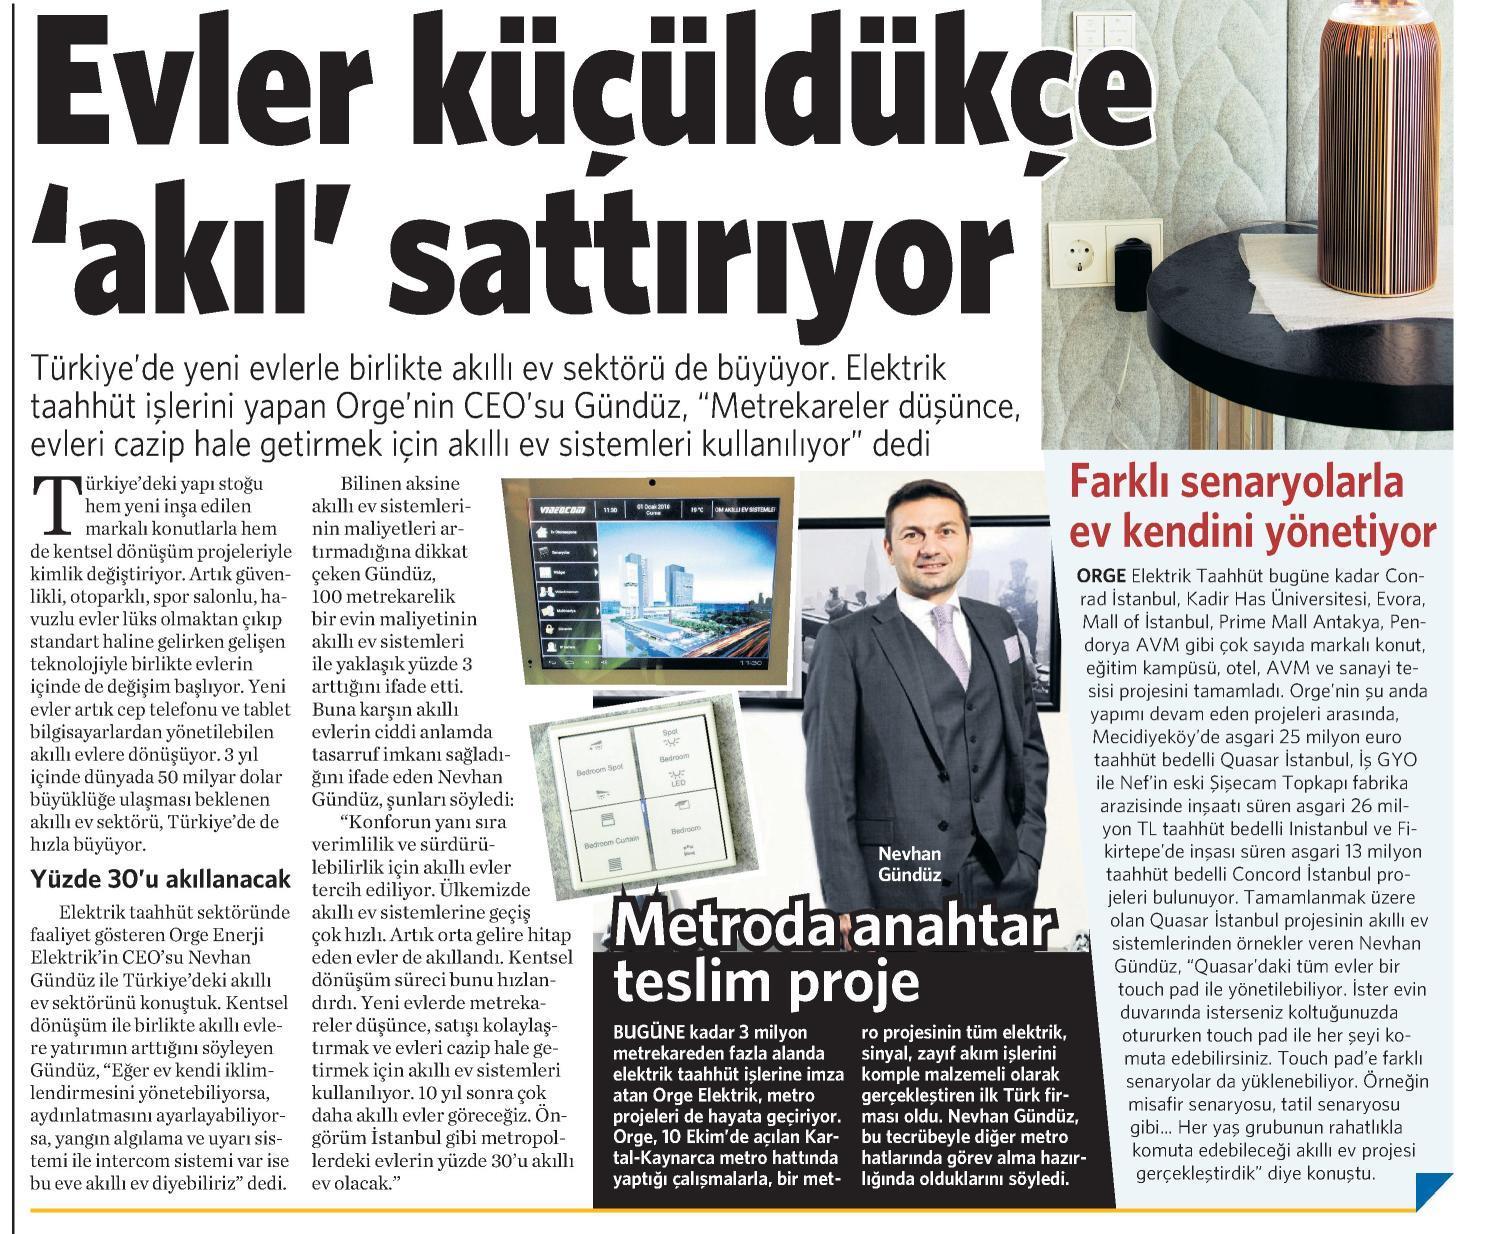 CEO'muz Nevhan Gündüz Vatan Gazetesi'ne açıklamalarda bulundu